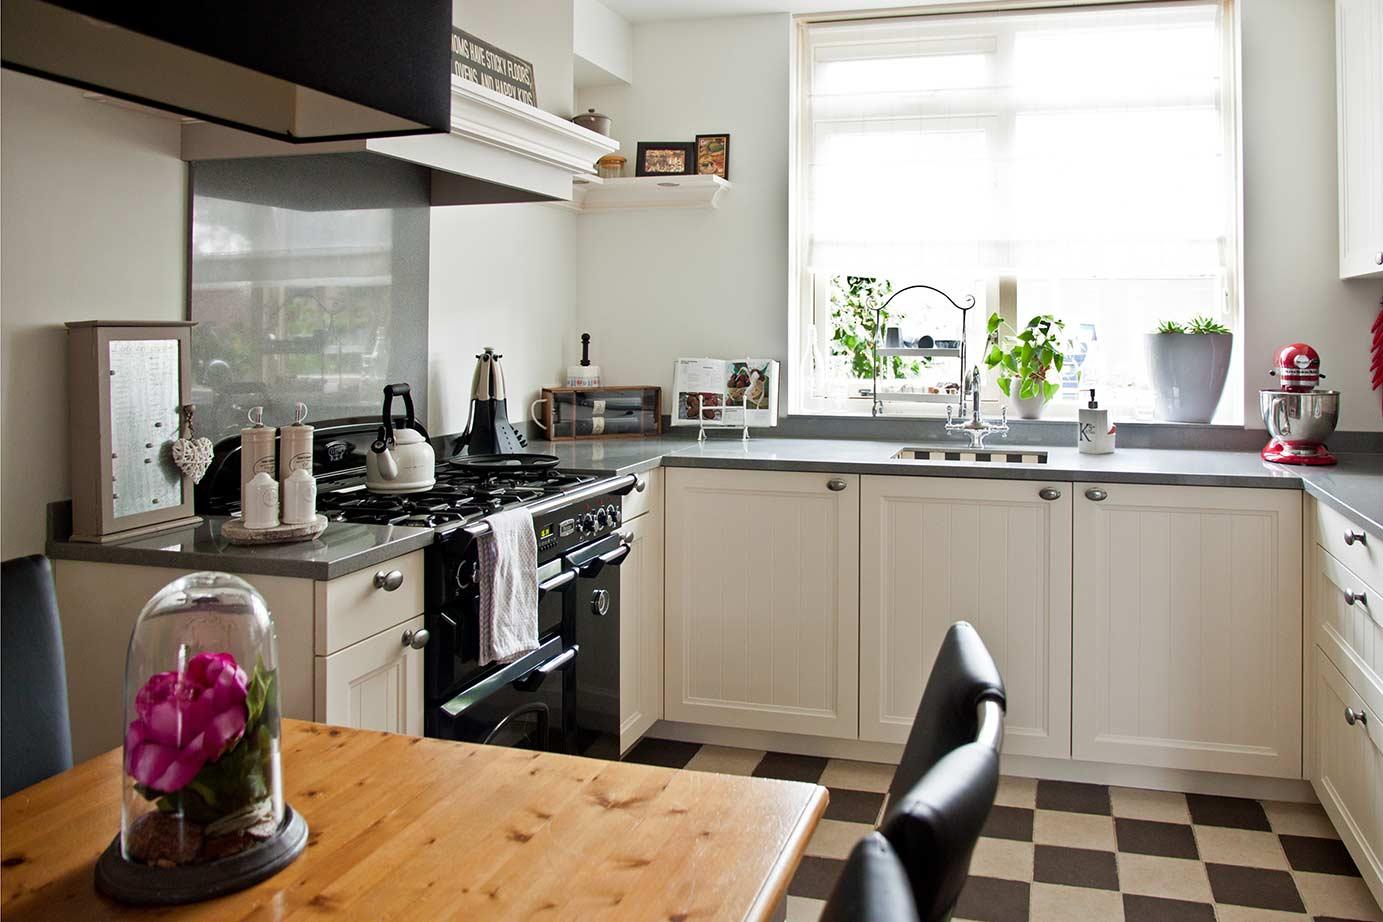 Arma keukens en sanitair in nunspeet gem klantscore arma